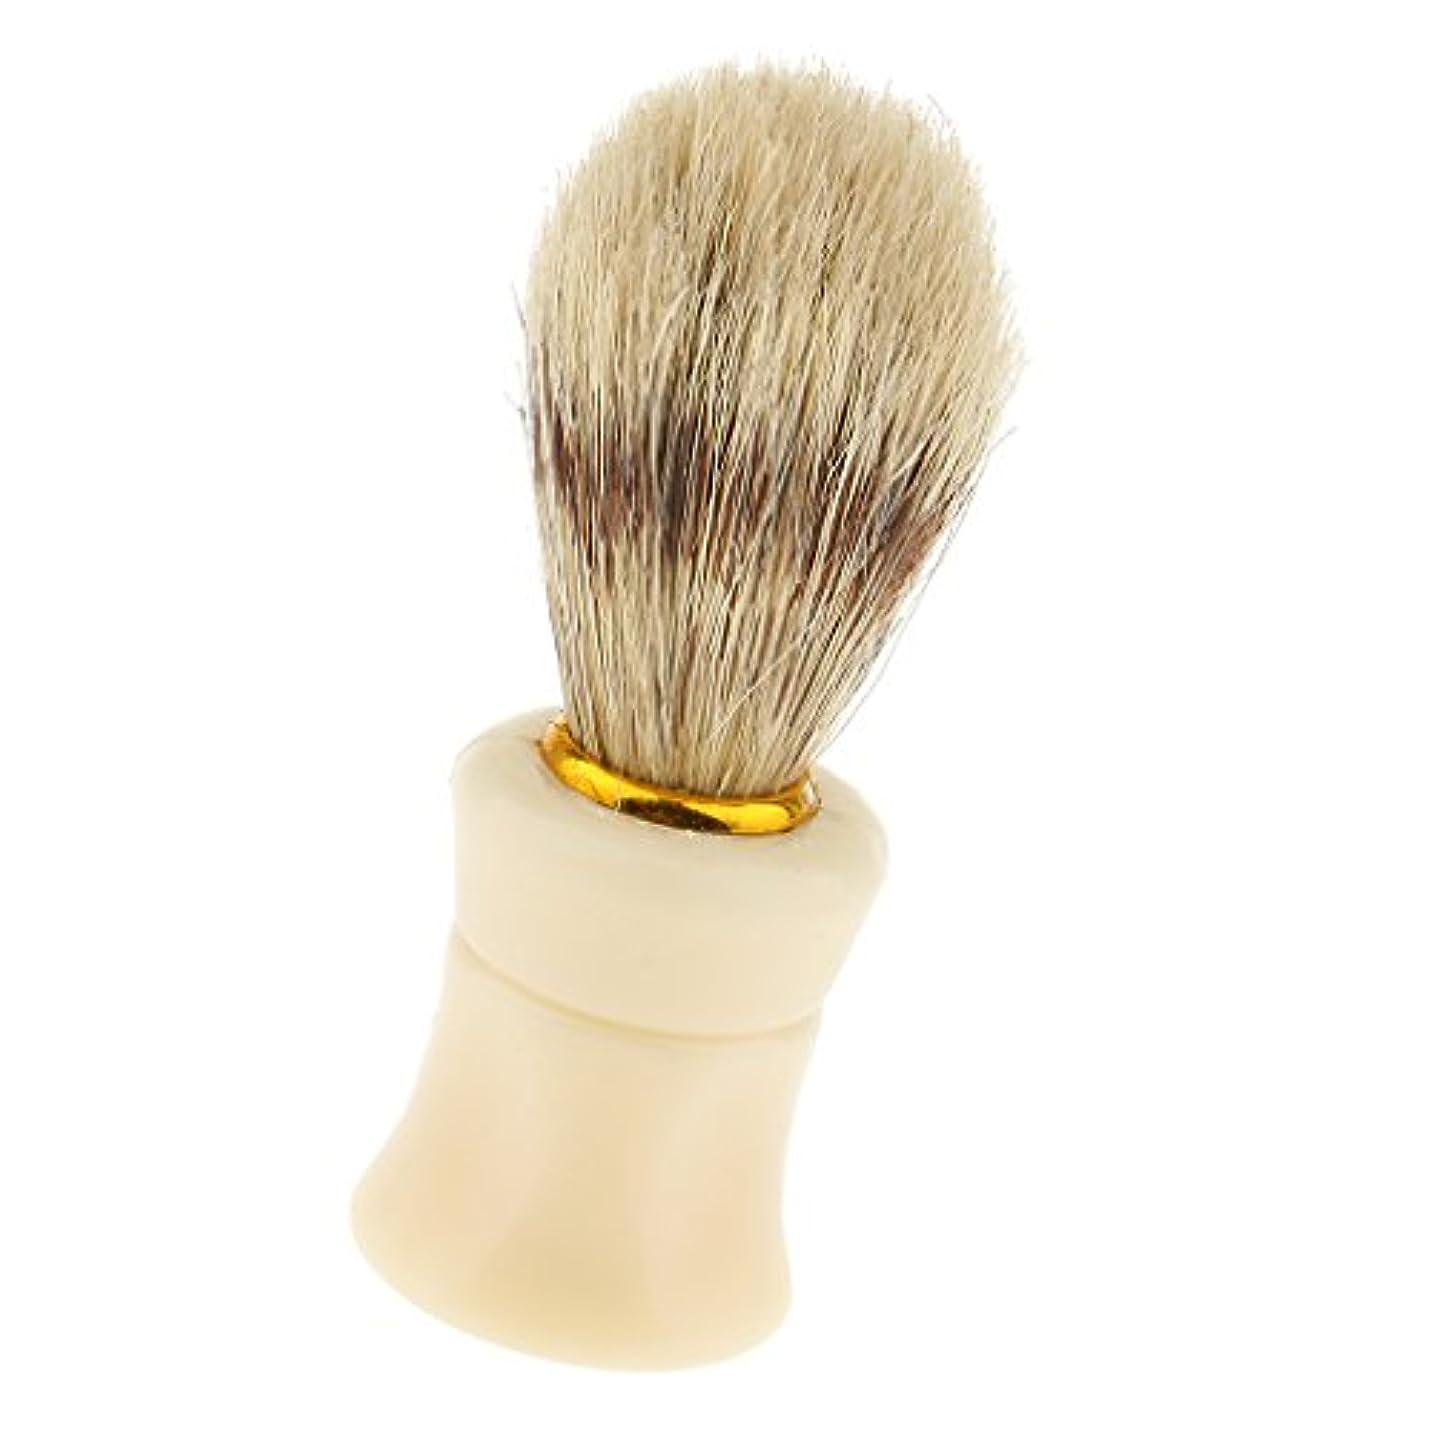 ばか虚栄心ブラウンdailymall 男性ひげ剃りひげ顔洗顔良いグルーミングブラシ、サロン理髪理髪ツール、父の贈り物